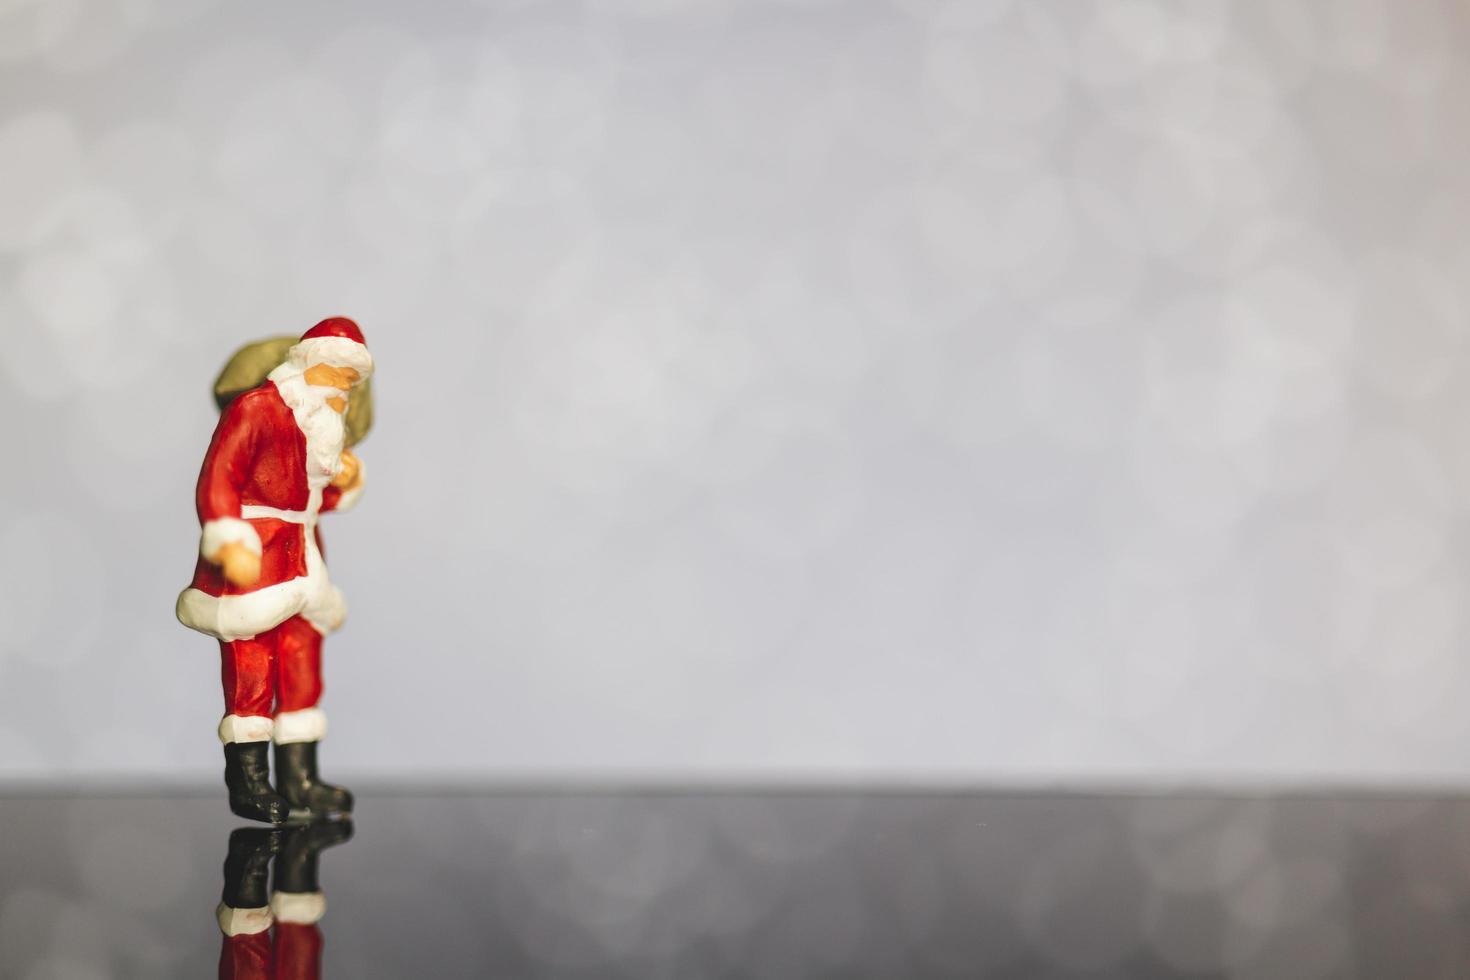 Père Noël miniature portant un sac sur un fond de bokeh, joyeux Noël et bonne année concept. photo